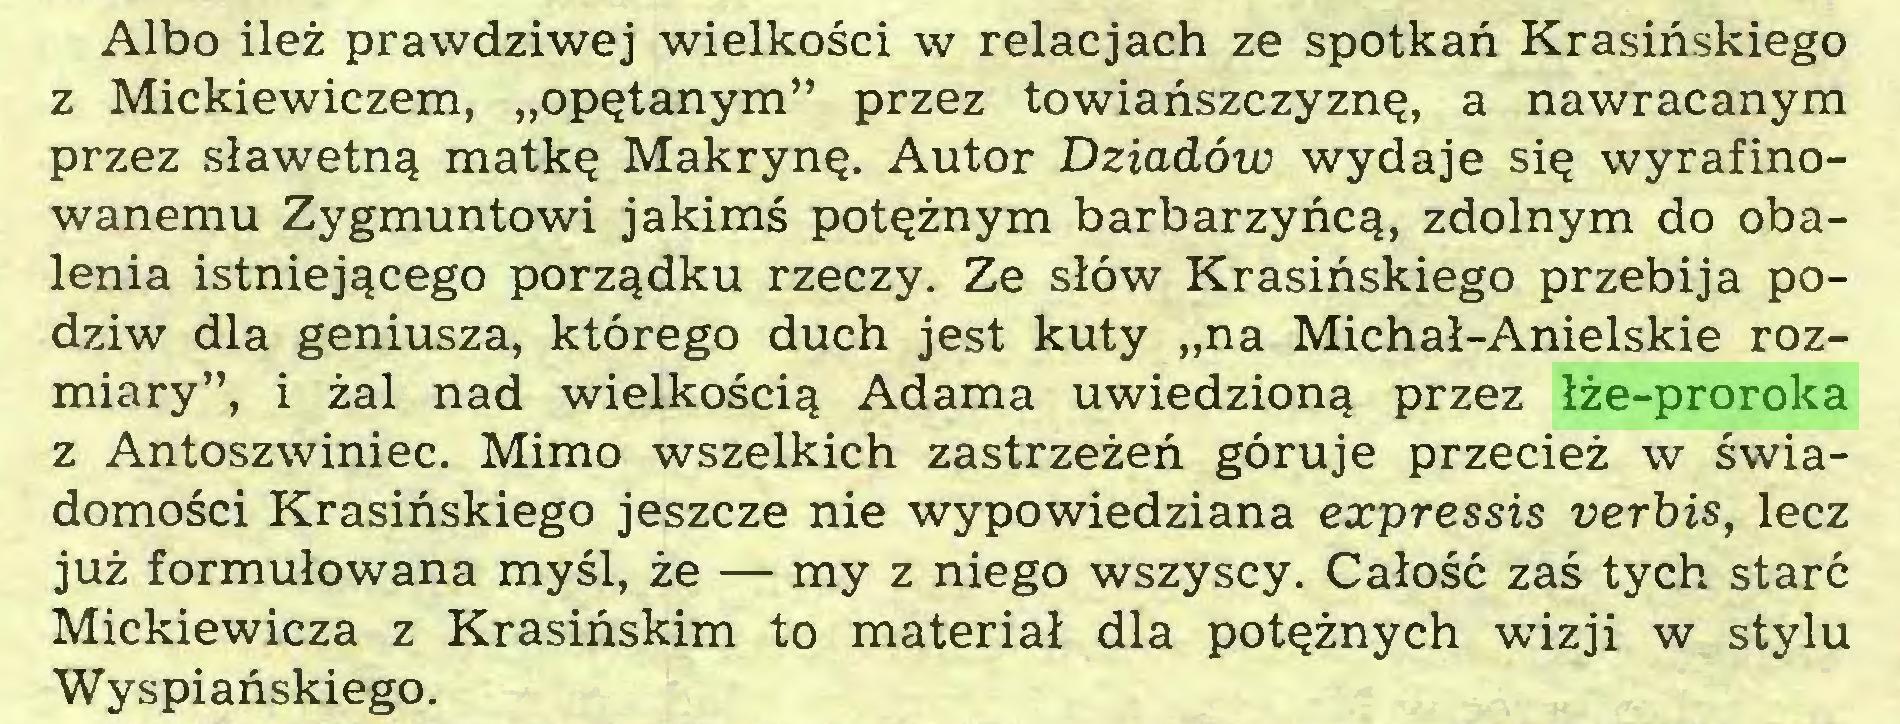 """(...) Albo ileż prawdziwej wielkości w relacjach ze spotkań Krasińskiego z Mickiewiczem, """"opętanym"""" przez towiańszczyznę, a nawracanym przez sławetną matkę Makrynę. Autor Dziadów wydaje się wyrafinowanemu Zygmuntowi jakimś potężnym barbarzyńcą, zdolnym do obalenia istniejącego porządku rzeczy. Ze słów Krasińskiego przebija podziw dla geniusza, którego duch jest kuty """"na Michał-Anielskie rozmiary"""", i żal nad wielkością Adama uwiedzioną przez łże-proroka z Antoszwiniec. Mimo wszelkich zastrzeżeń góruje przecież w świadomości Krasińskiego jeszcze nie wypowiedziana expressis verbis, lecz już formułowana myśl, że — my z niego wszyscy. Całość zaś tych starć Mickiewicza z Krasińskim to materiał dla potężnych wńzji w stylu Wyspiańskiego..."""